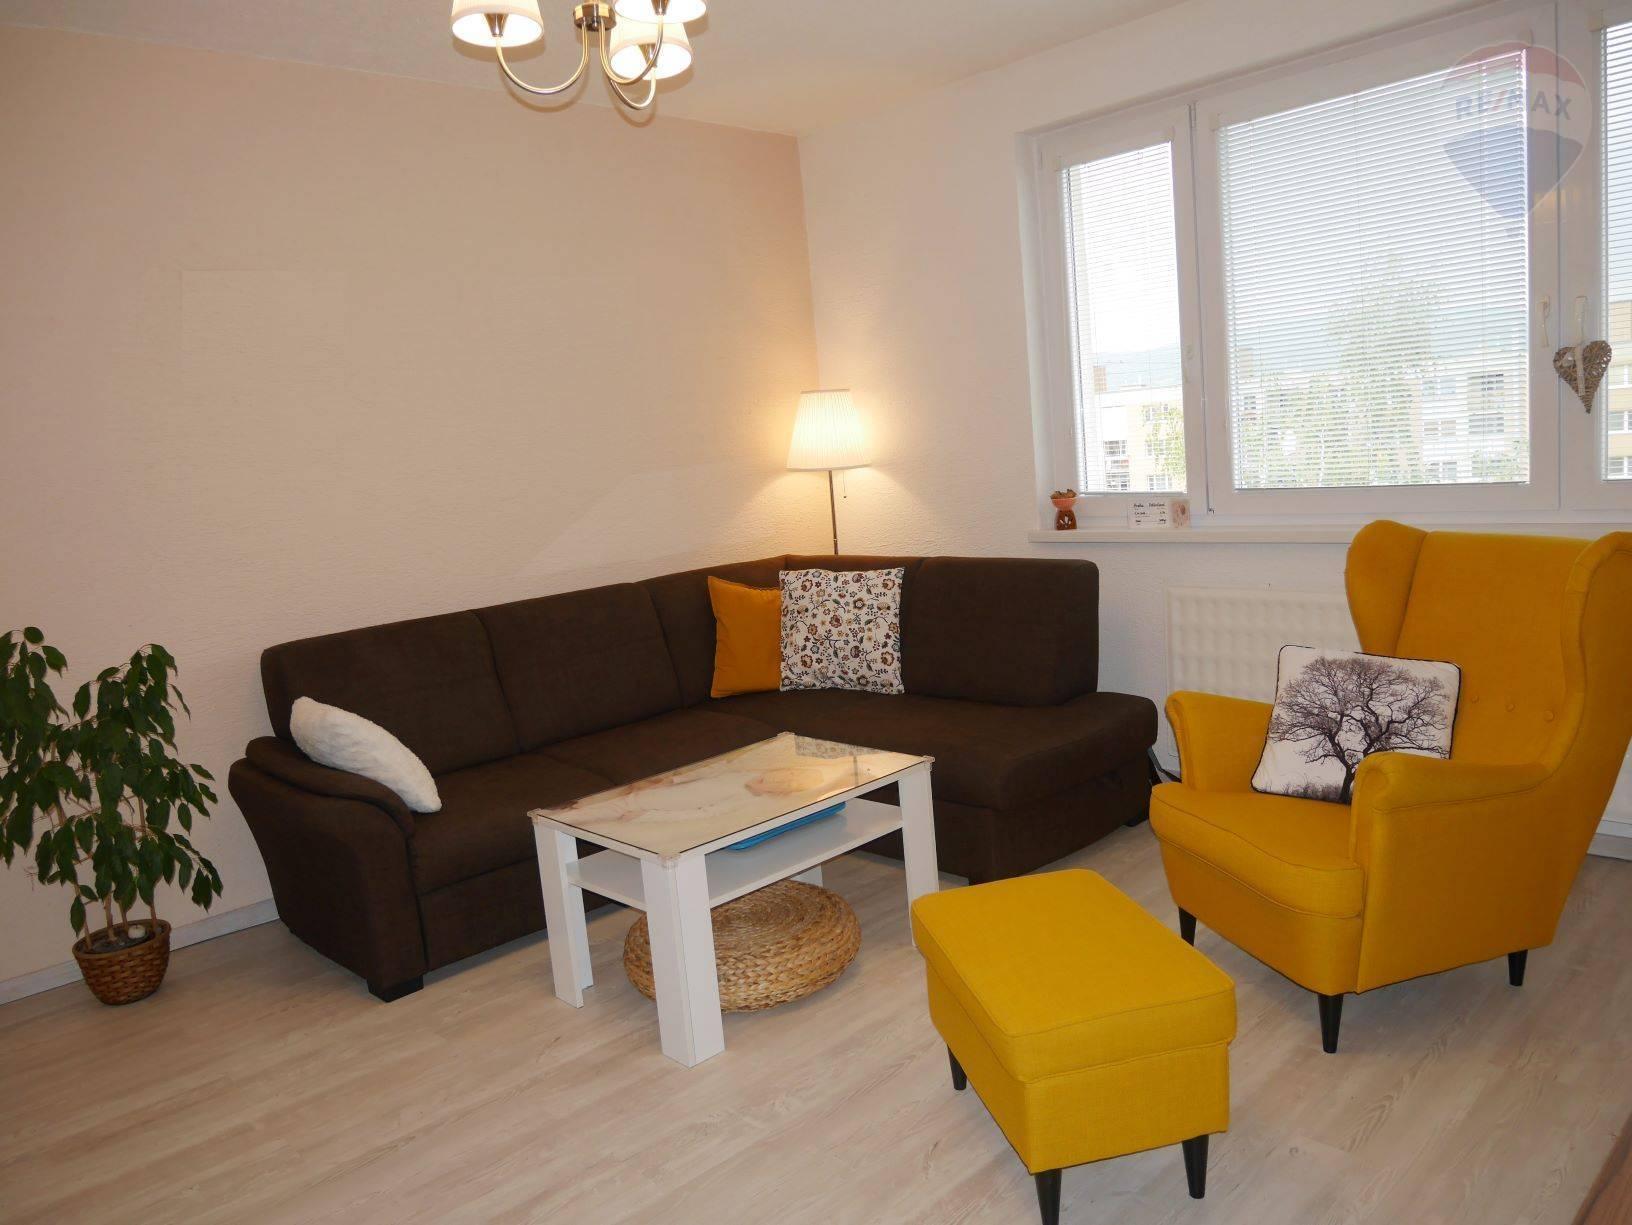 Predaj bytu (3 izbový) 70 m2, Prievidza - nehnutelnostipredajbytu3izbovýbytPrievidzarealitný makler Katarina Racikova 0910212992 remax